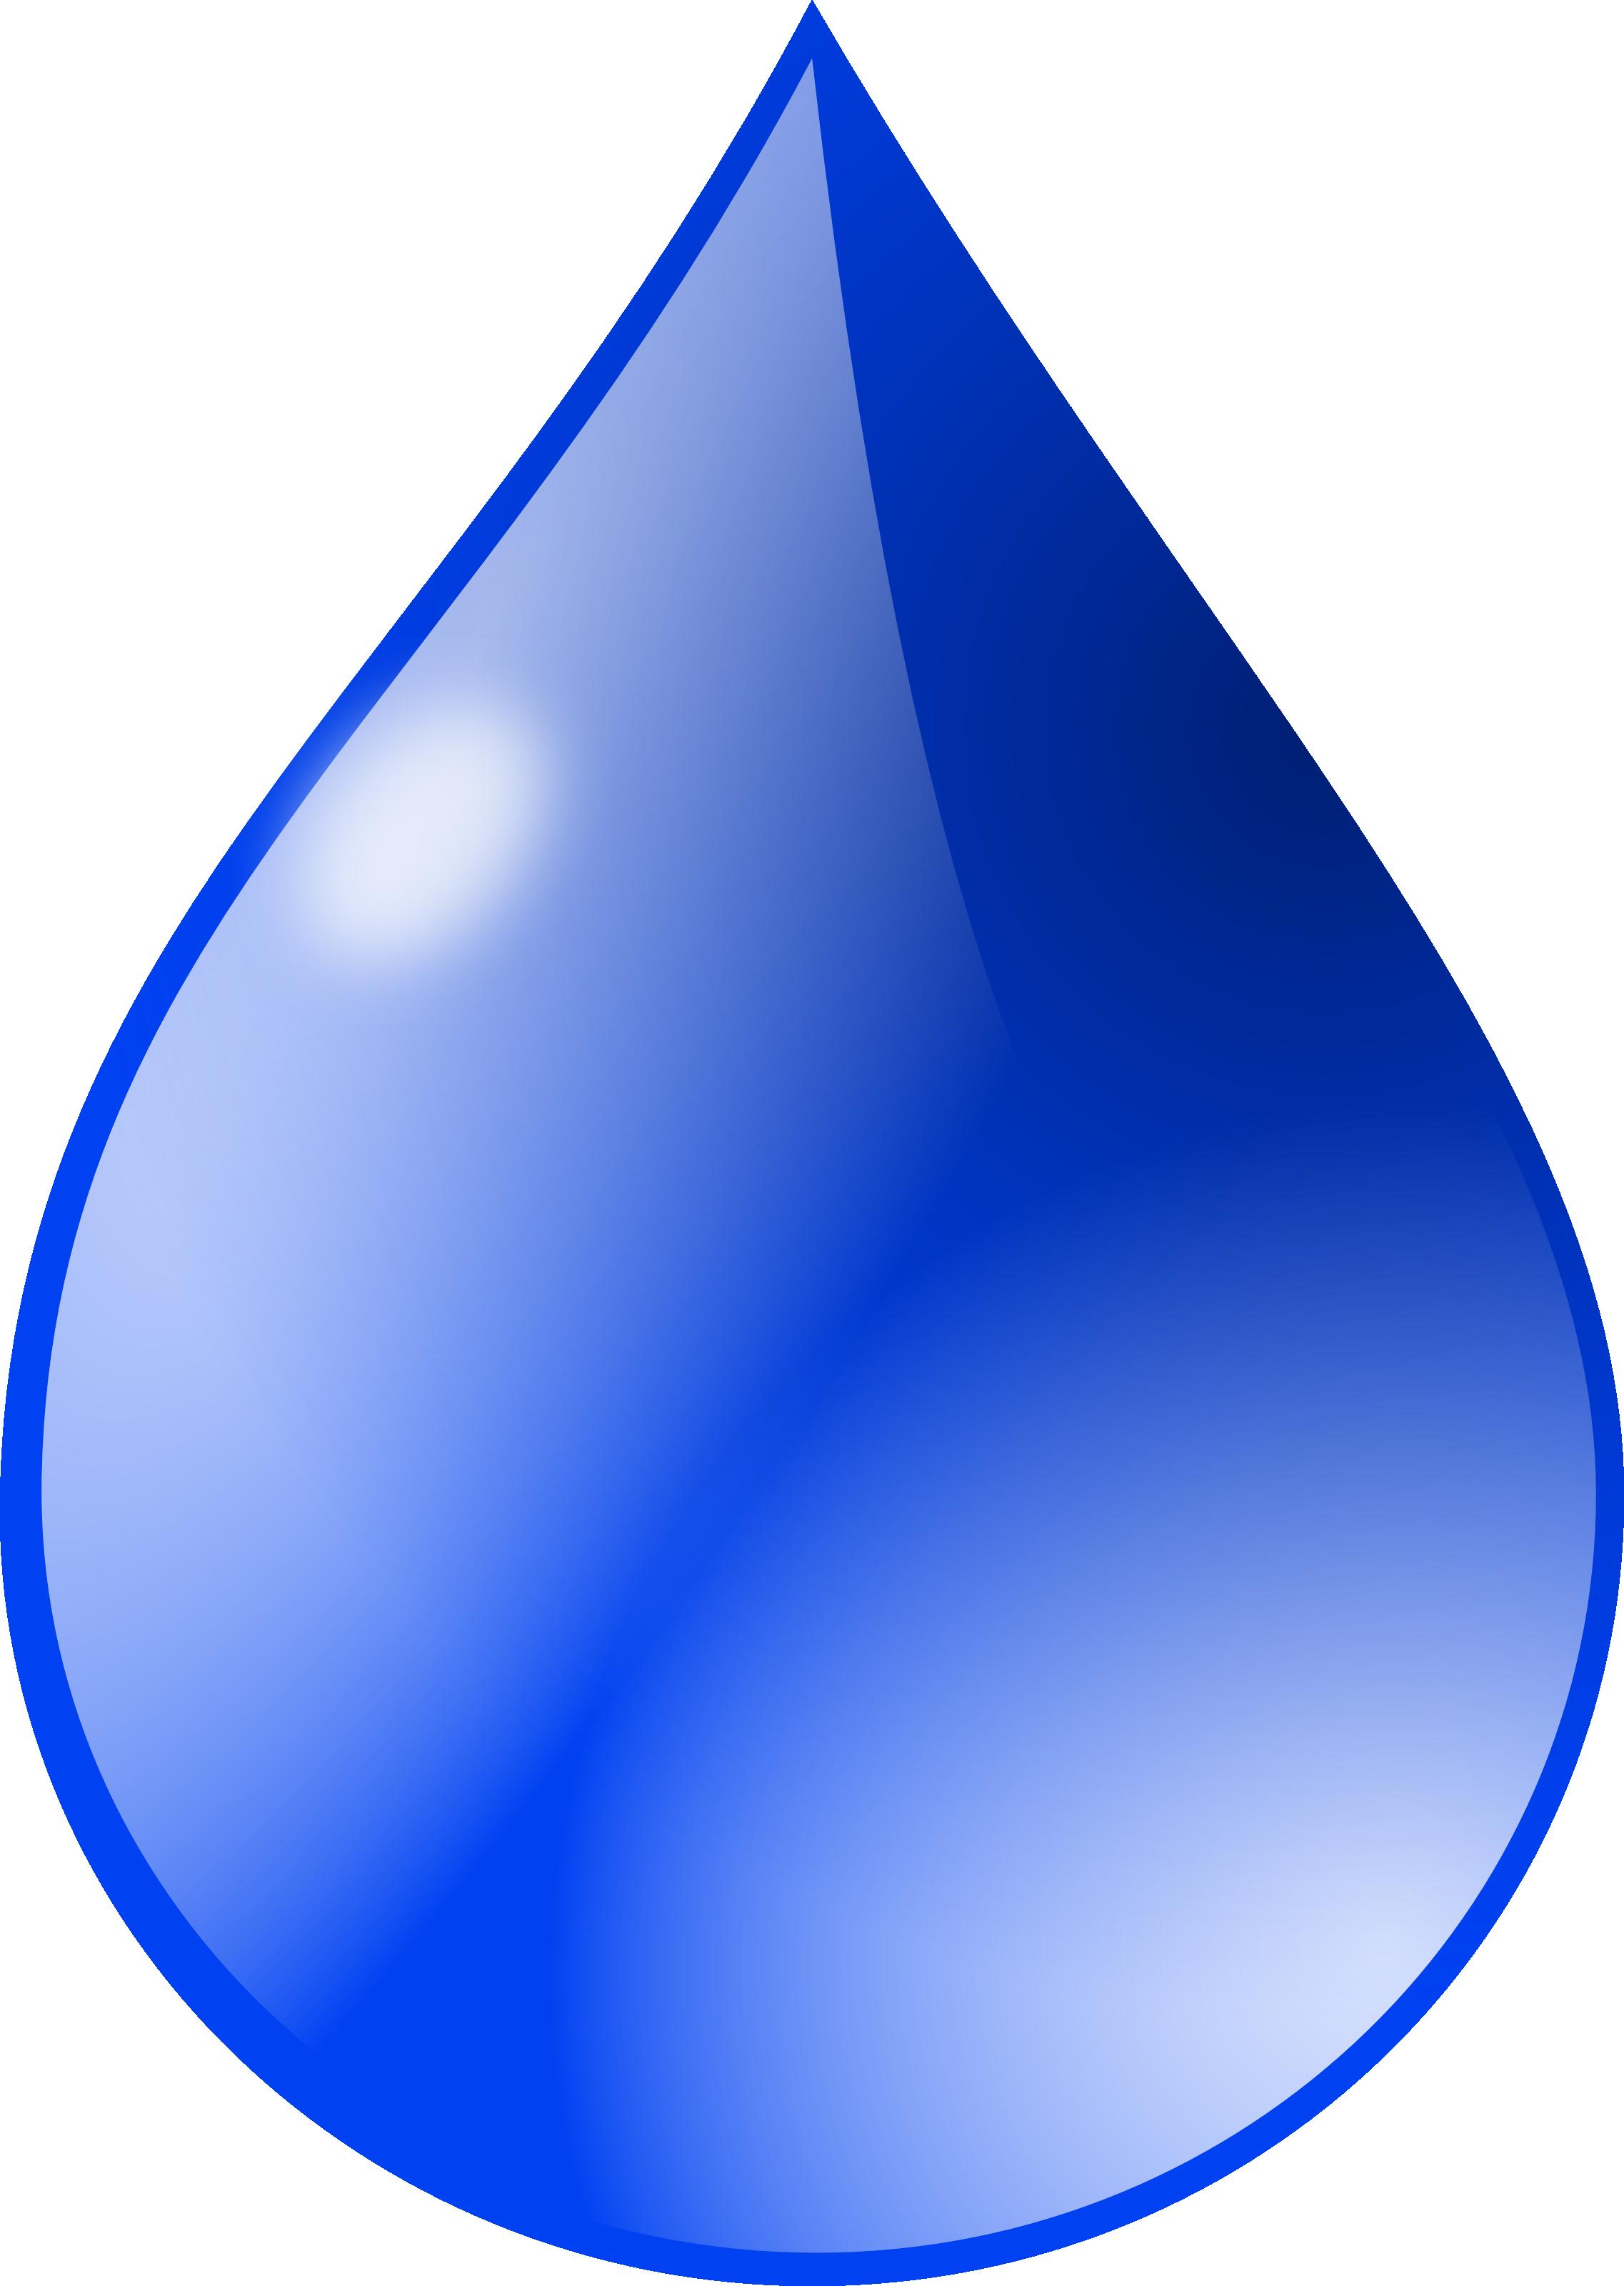 Drop photos transparentpng . Clipart water blue